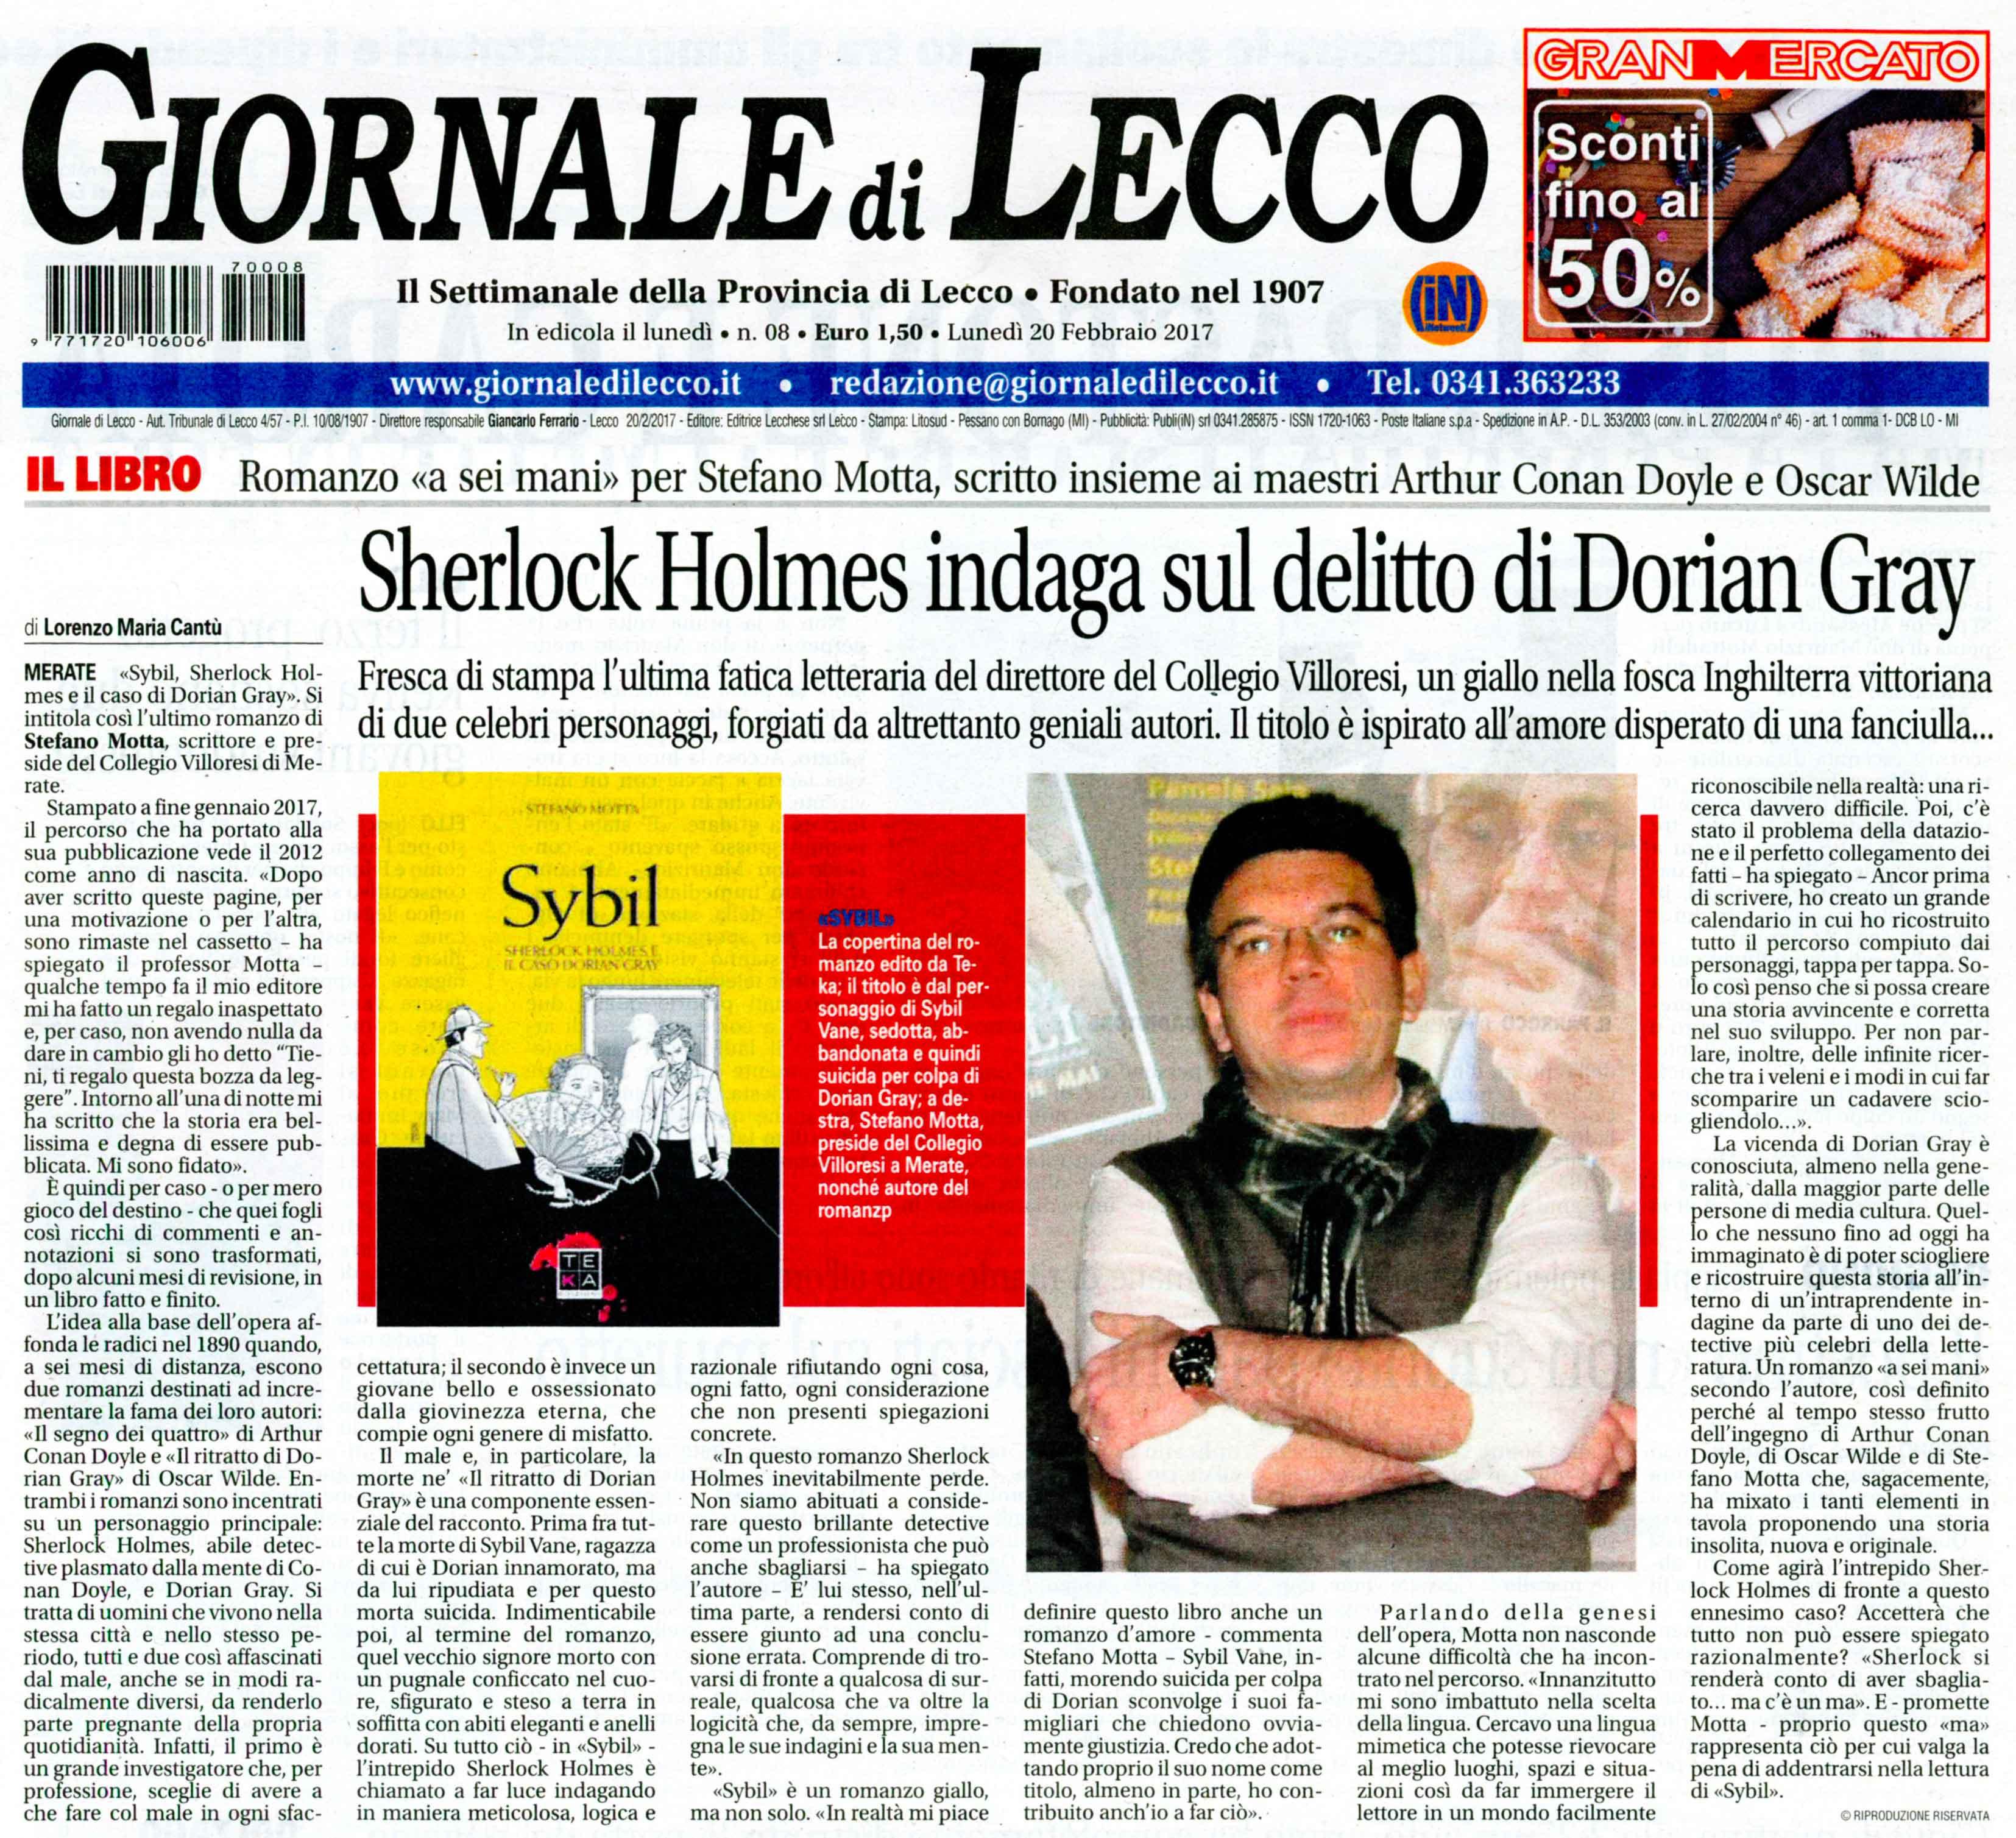 Giornale di Lecco_20feb17